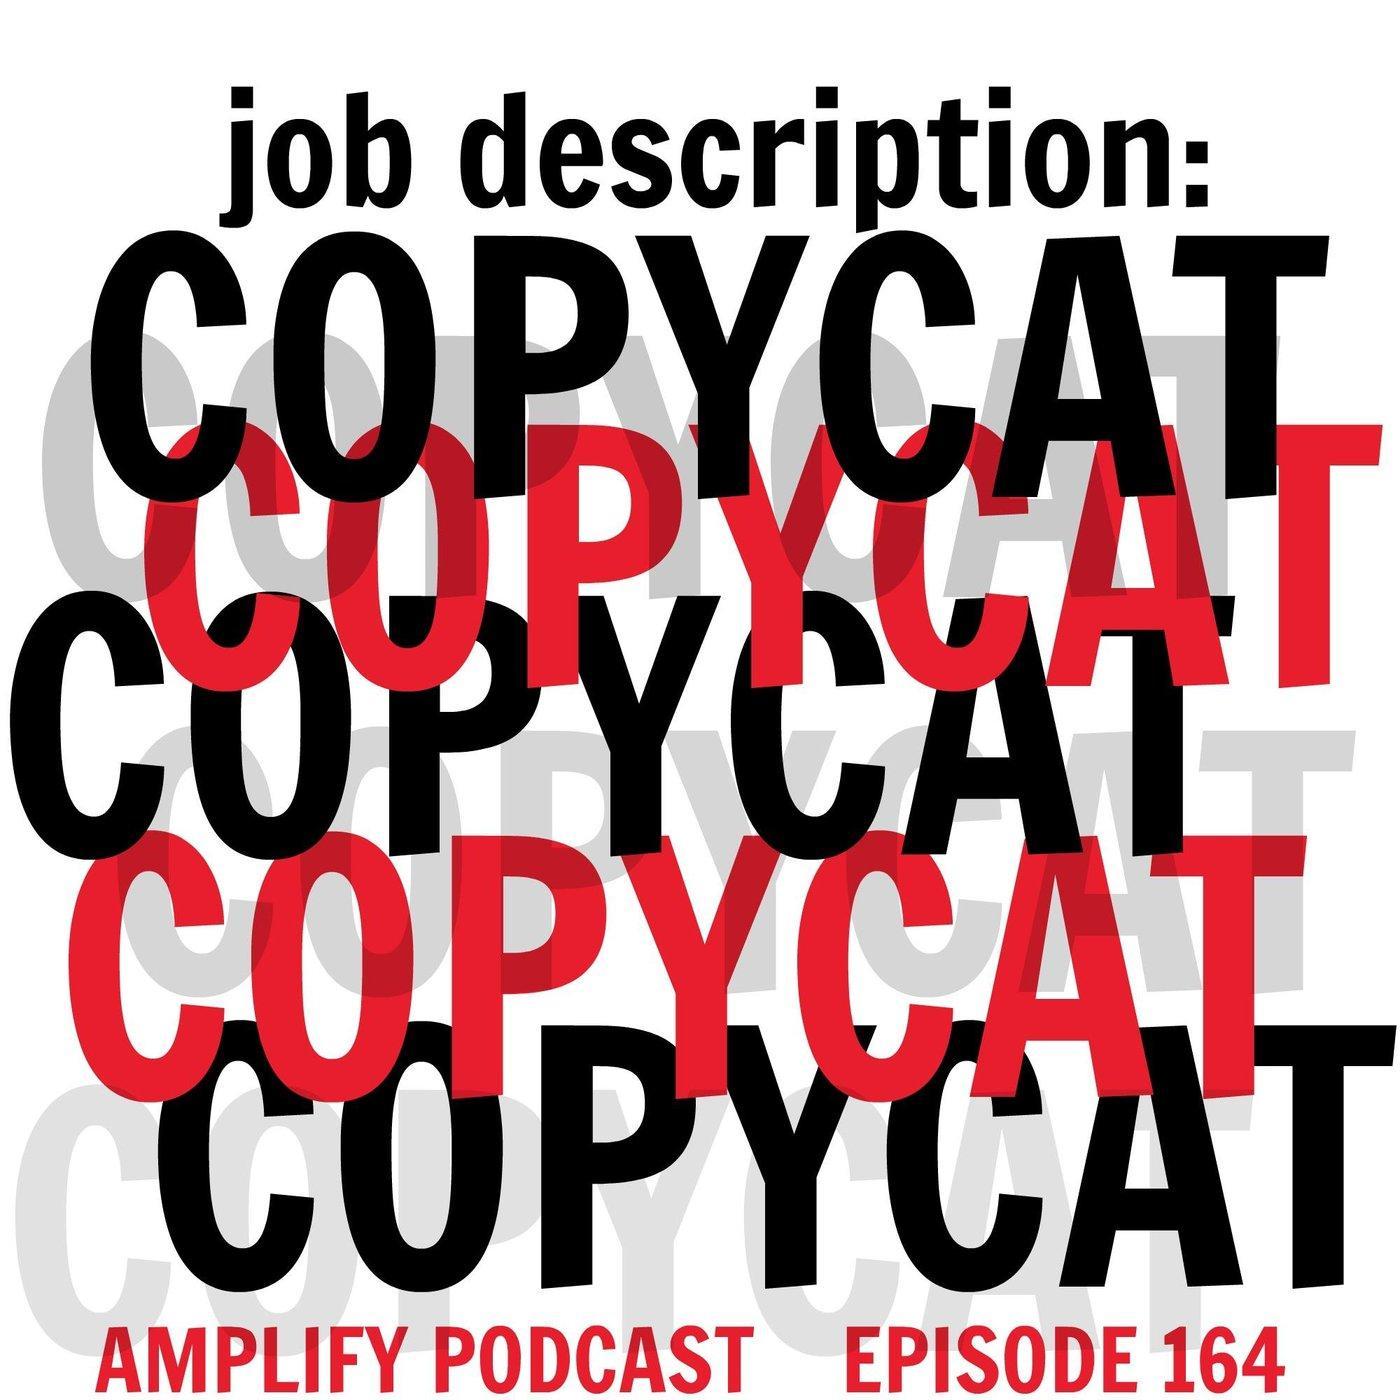 Job Title: COPYCAT